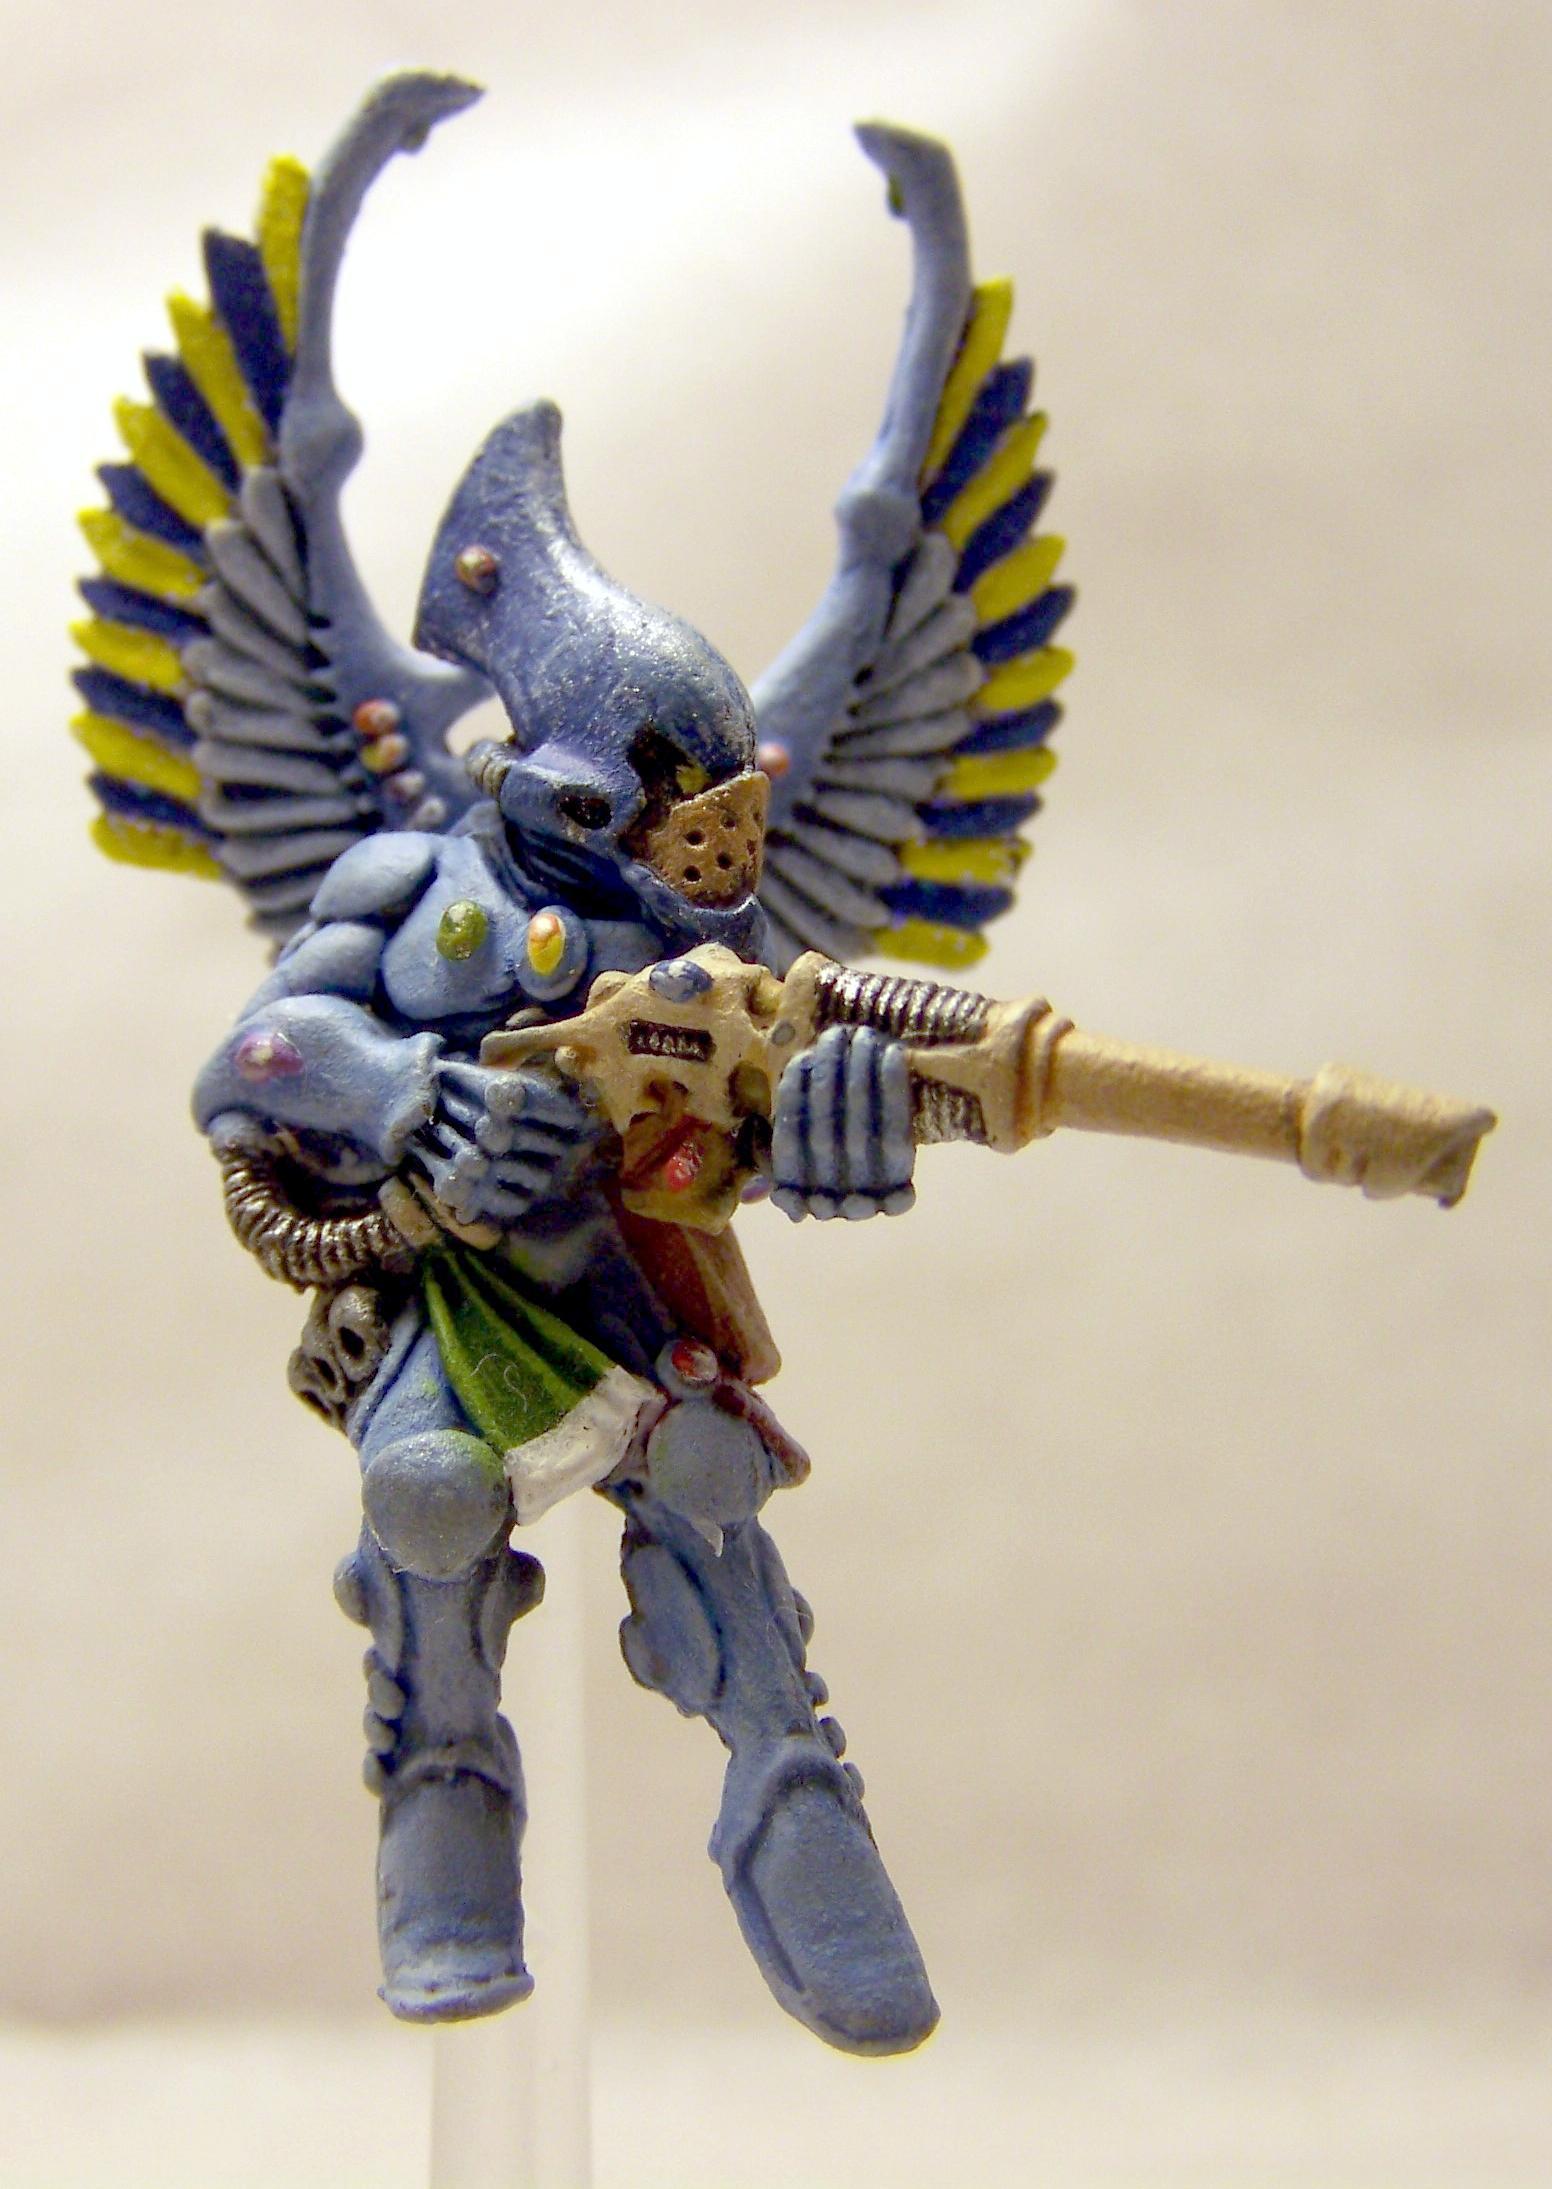 Eldar, Exodites, Swooping Hawks, Warhammer 40,000